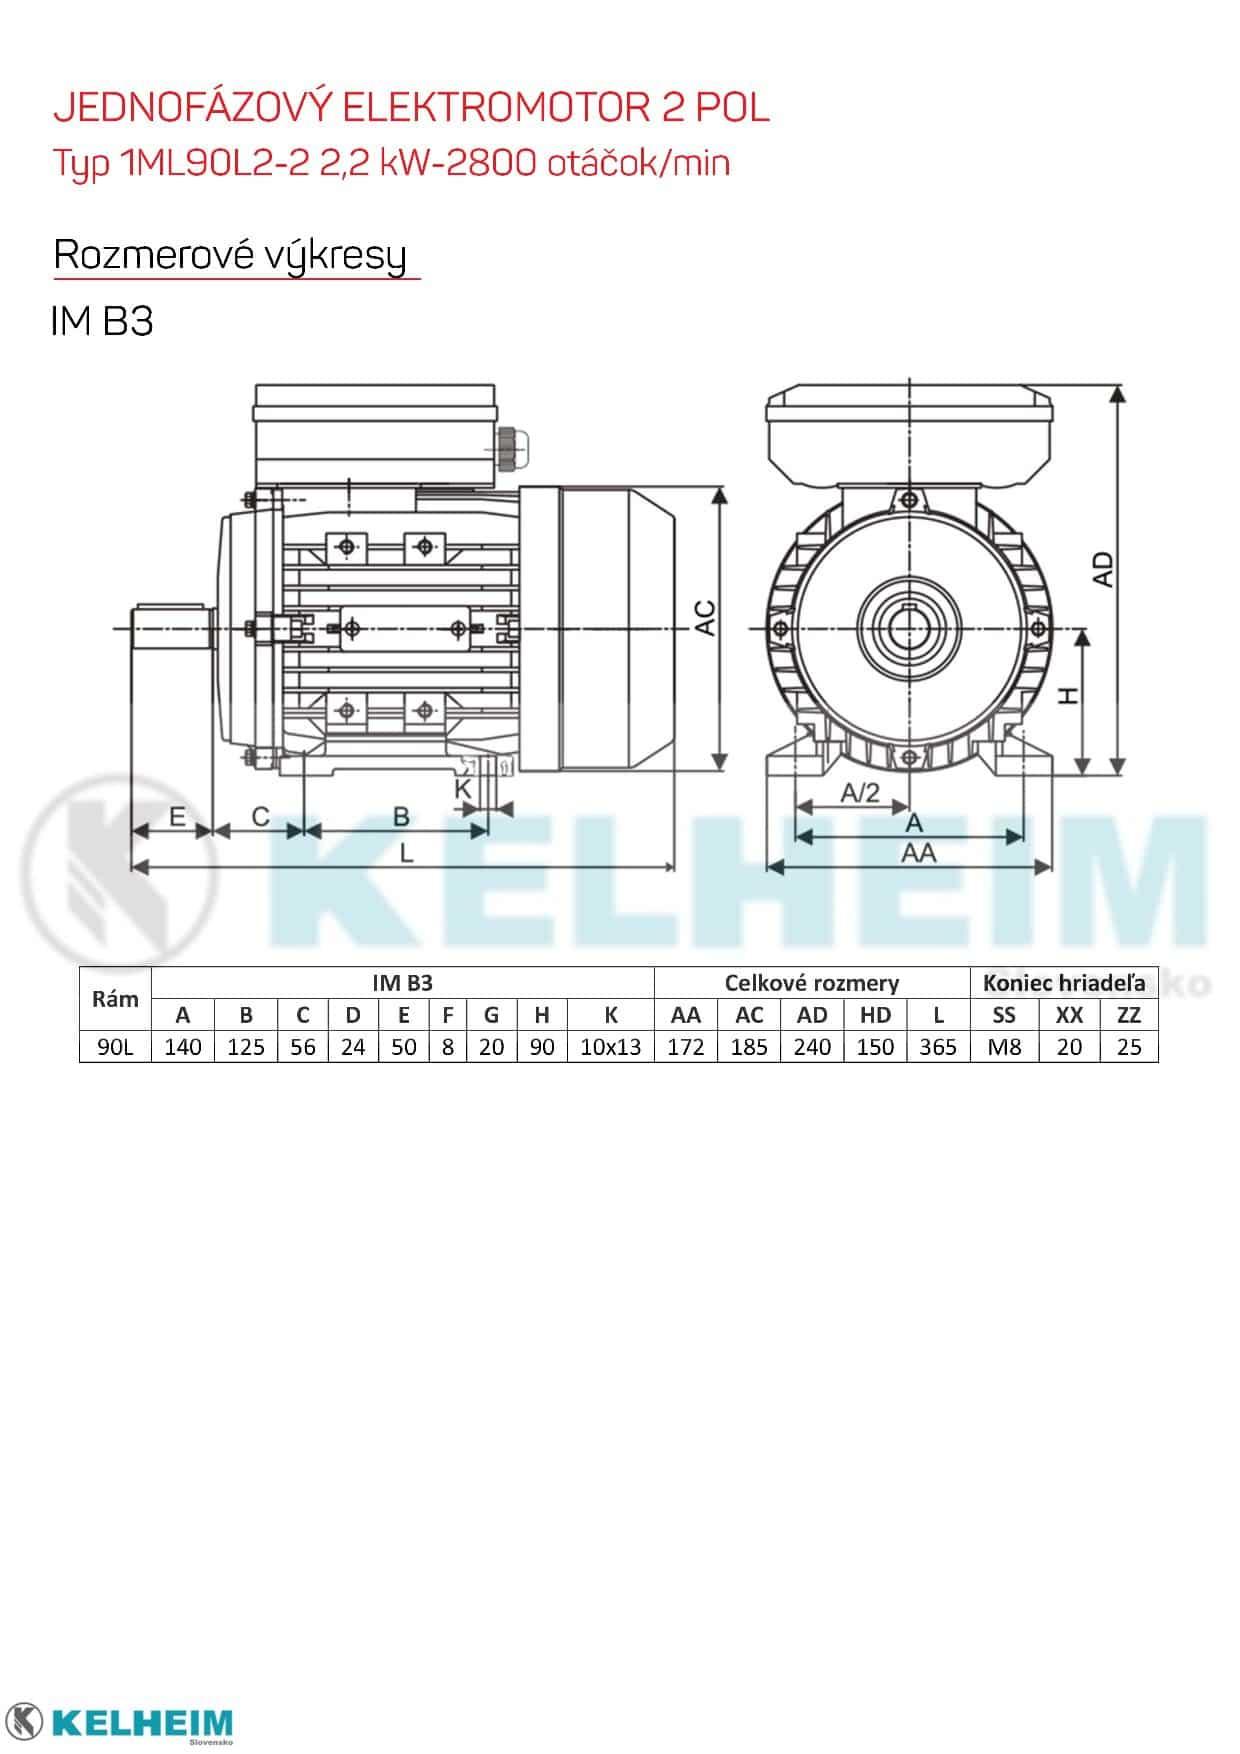 rozmerový výkres - jednofázový elektromotor 2,2kw ML90L2-2